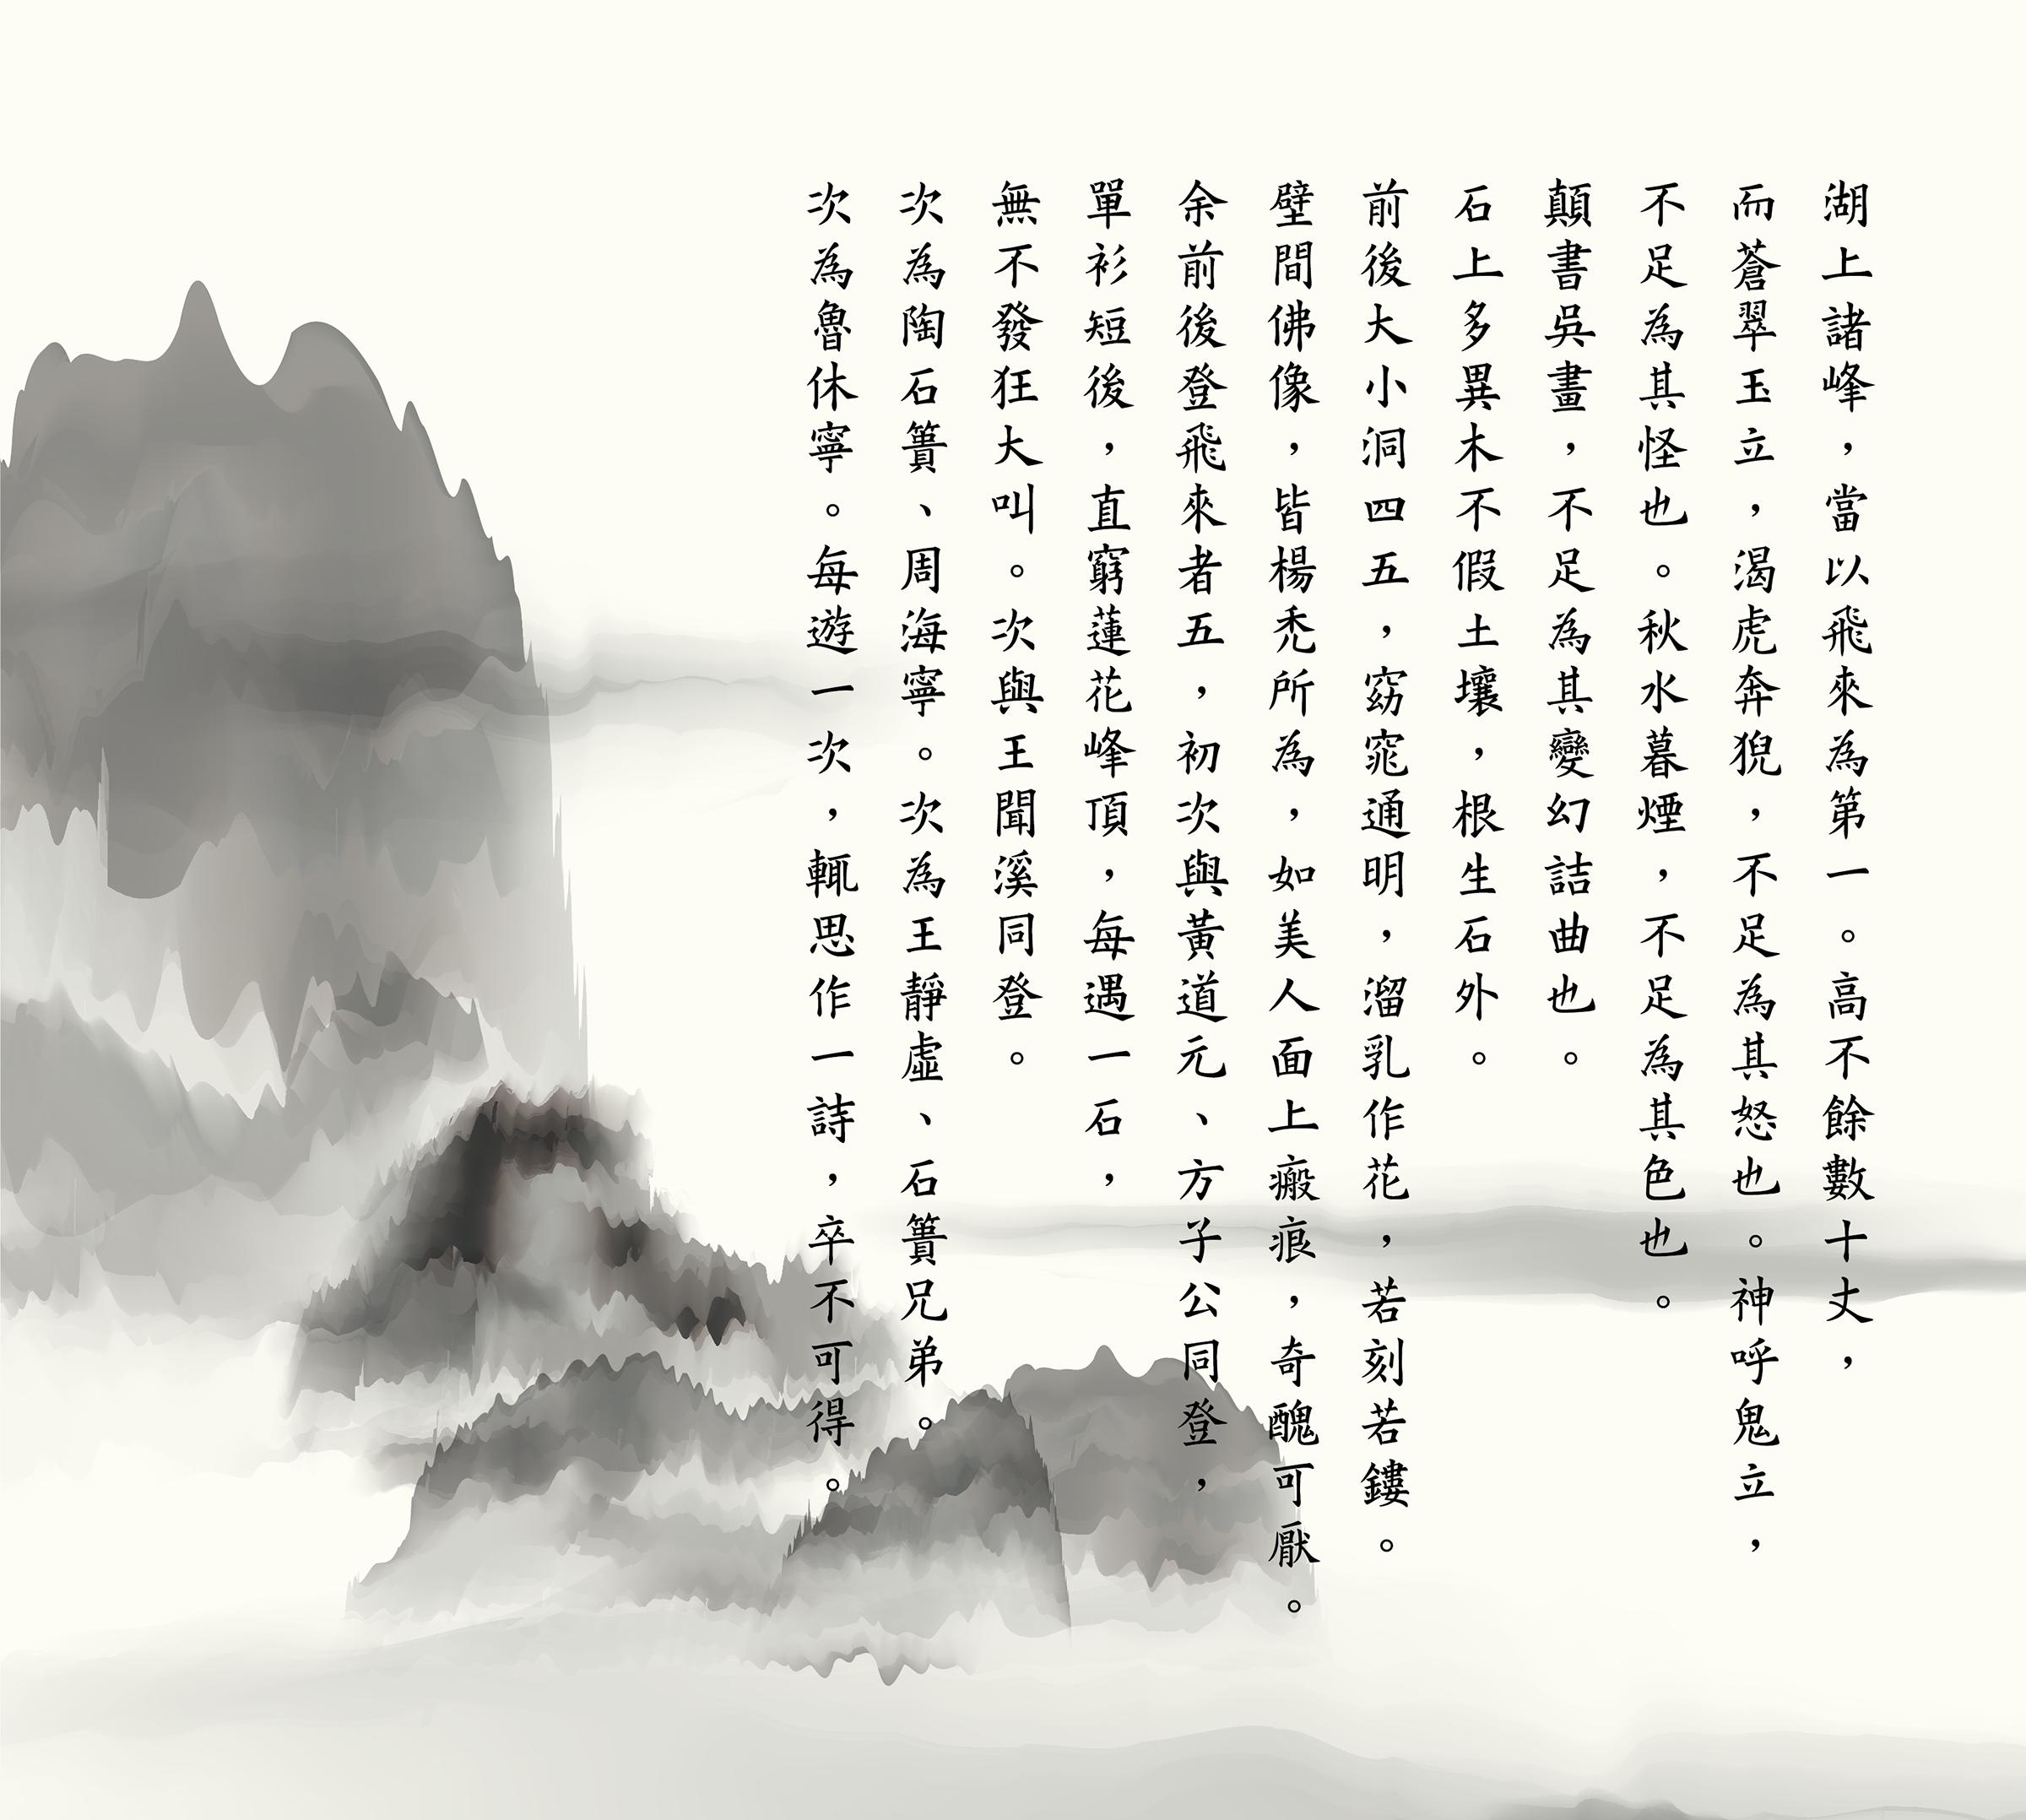 明代文學家袁宏道曾撰寫《飛來峰》一文,用來讚嘆歌詠其風景的奇特,也特別提到想為飛來峰作詩,同時可見明代文人旅遊書寫的習性。圖│研之有物(資料來源│iStock)